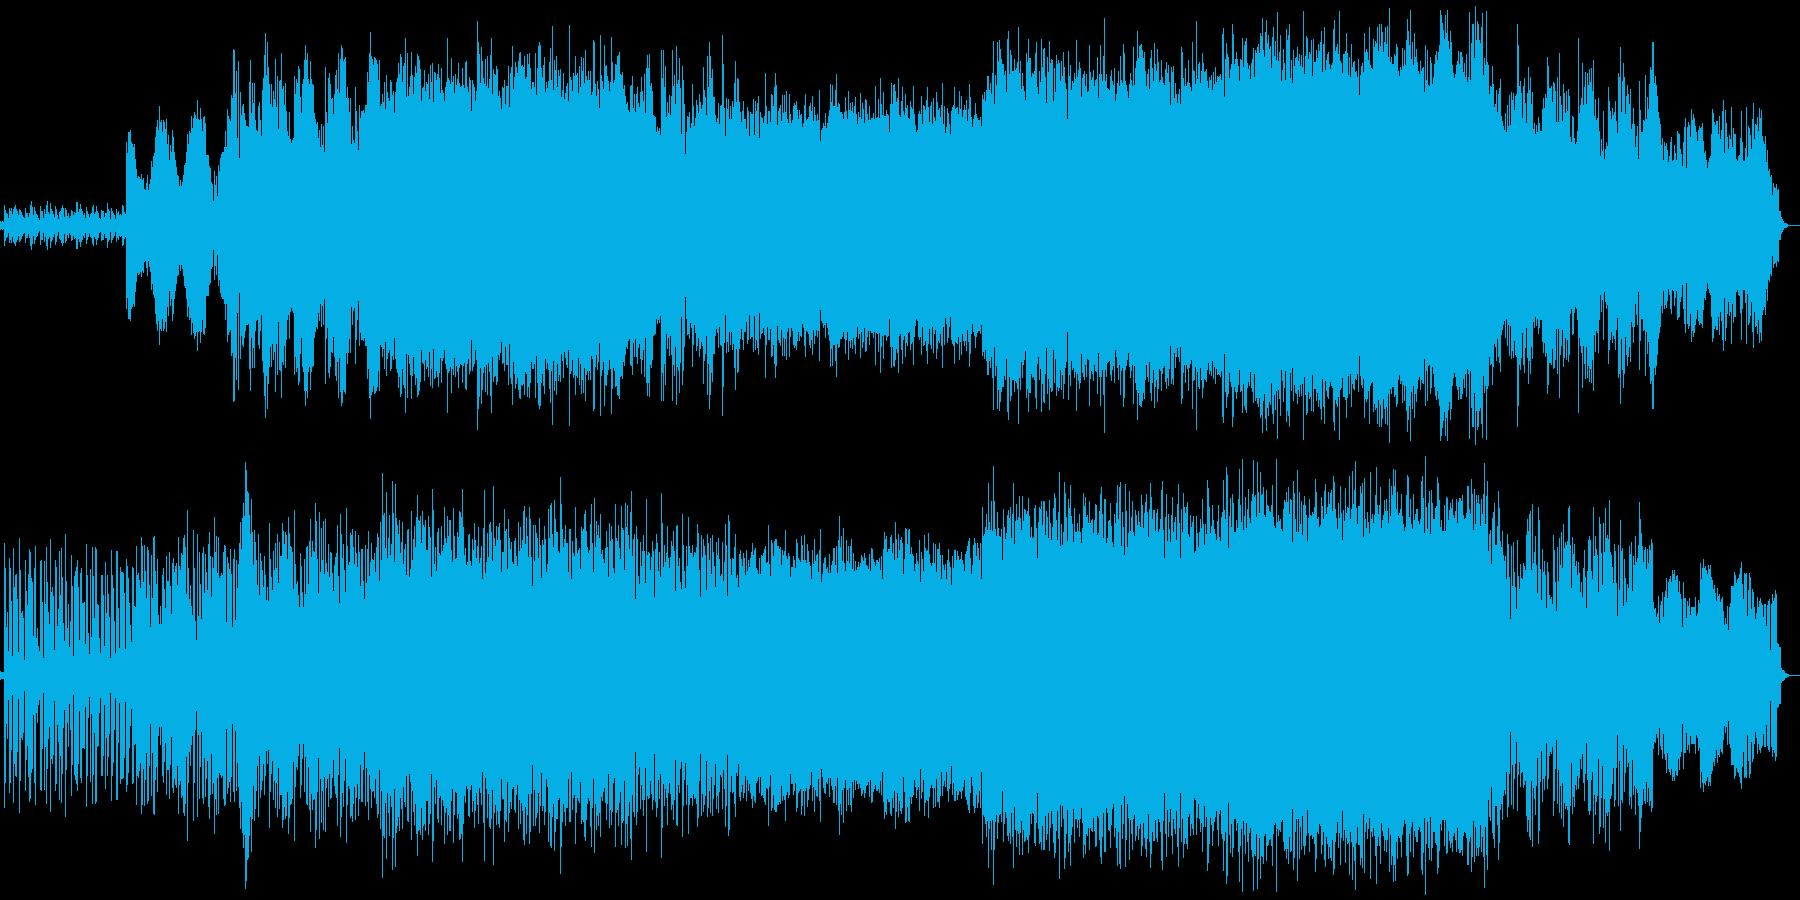 【ドラム・ベース抜き】やや暗めのテクノ…の再生済みの波形